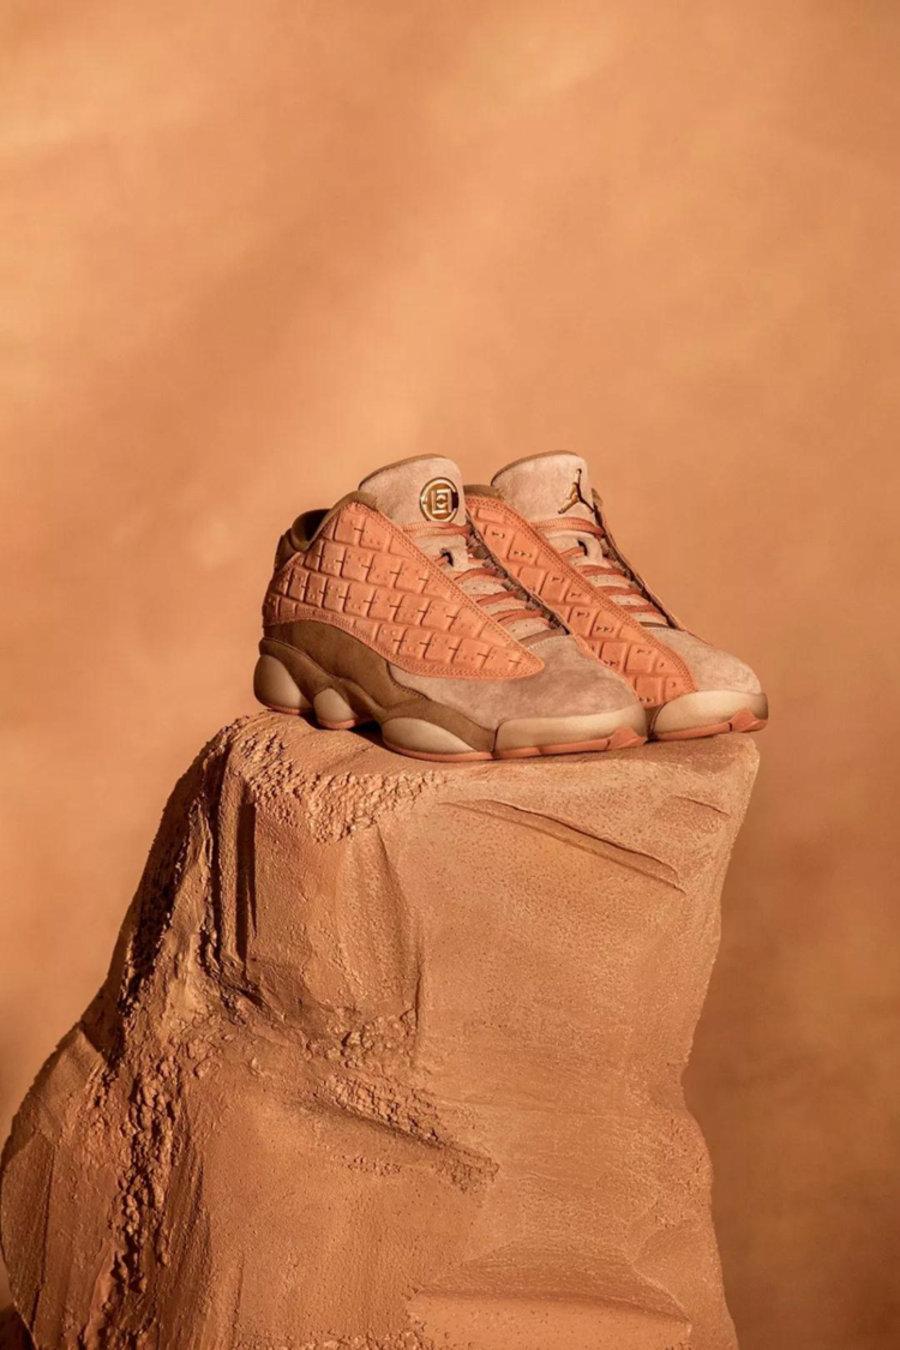 陈冠希,Nike  没了丝绸还有兵马俑!冠希今早晒图暗示新联名登场!